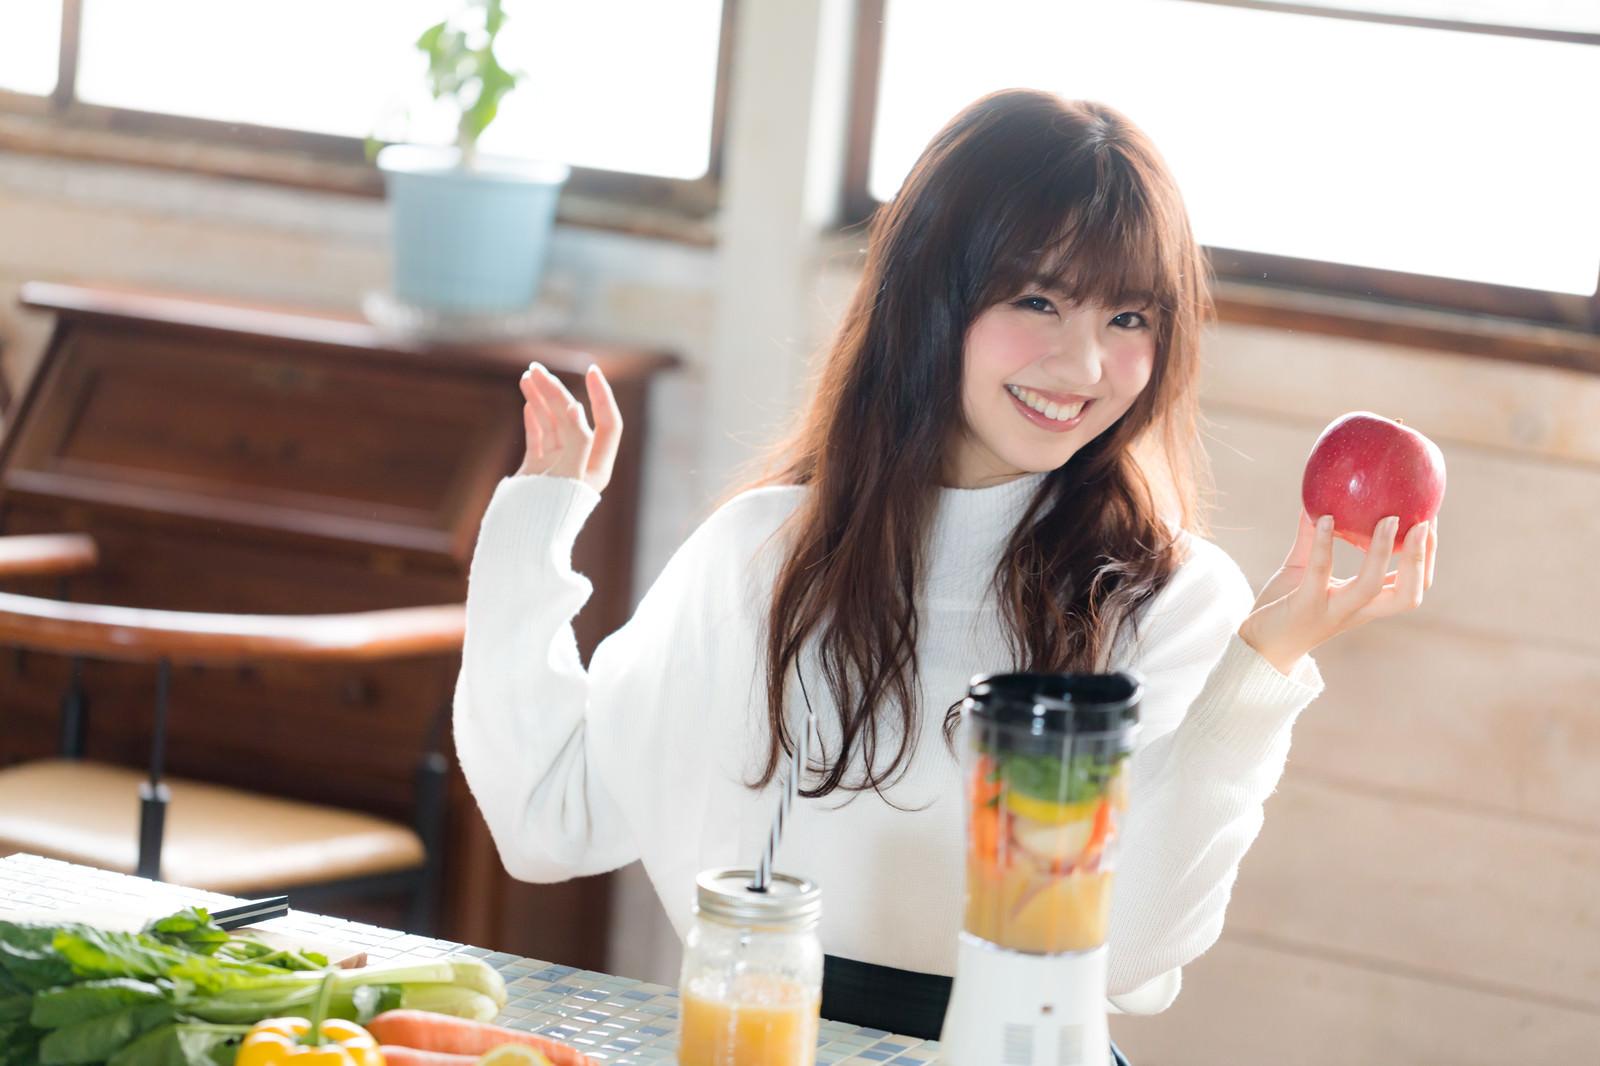 「片手に赤い林檎を持った健康志向女子 | 写真の無料素材・フリー素材 - ぱくたそ」の写真[モデル:河村友歌]